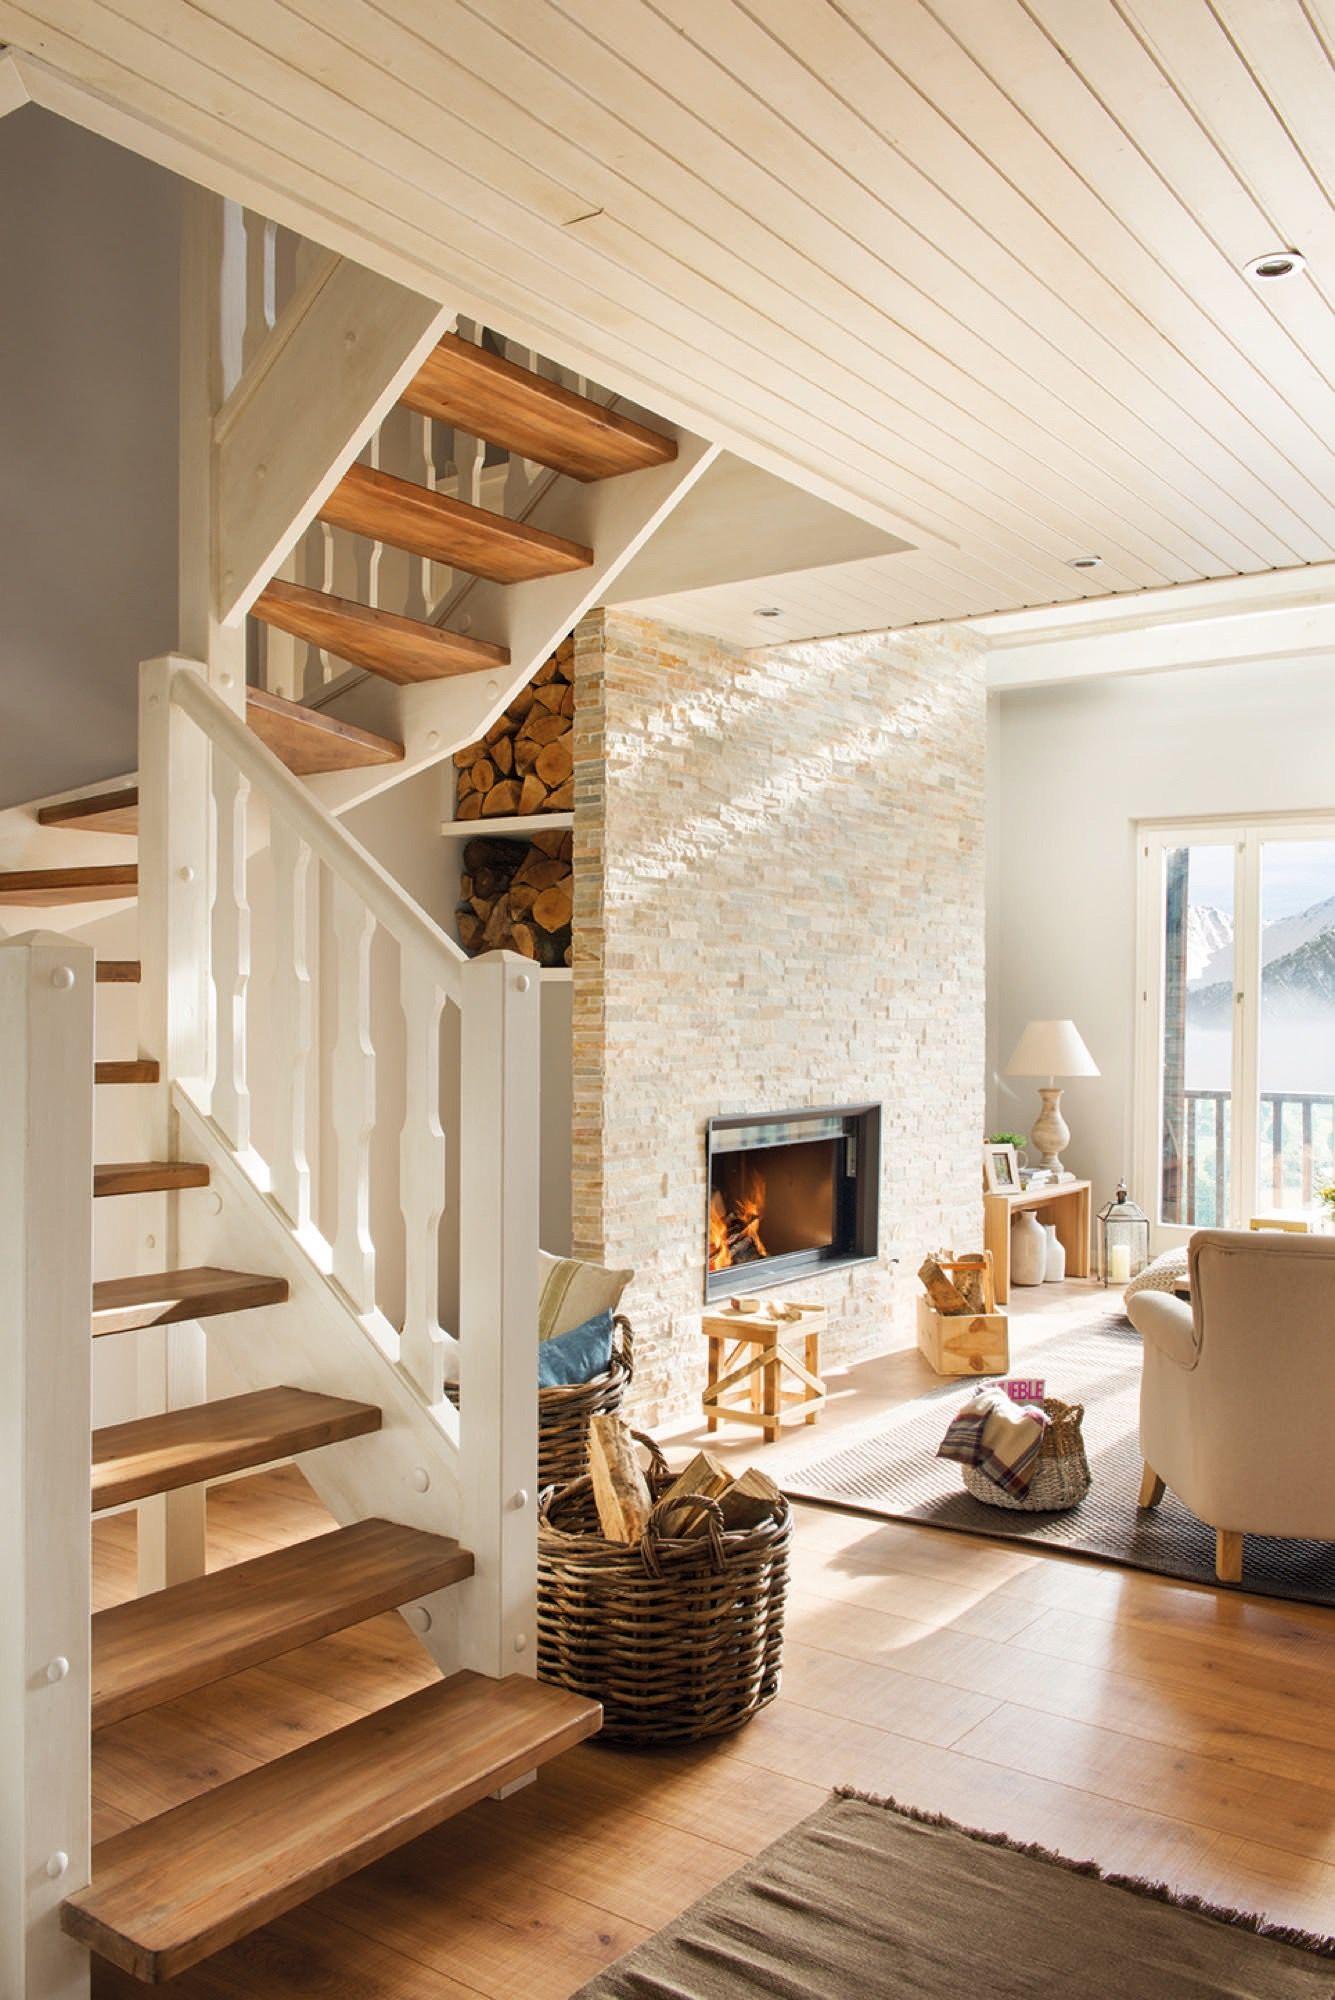 Escalera y chimenea en un piso de monta a caba a blanca - Chimeneas para pisos ...